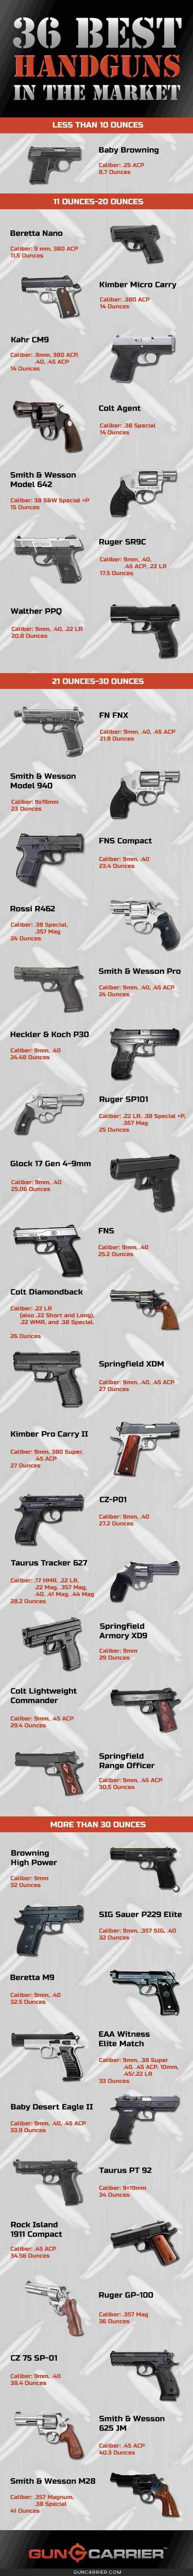 36 best handguns in the market smaller | https://guncarrier.com/best-handguns/